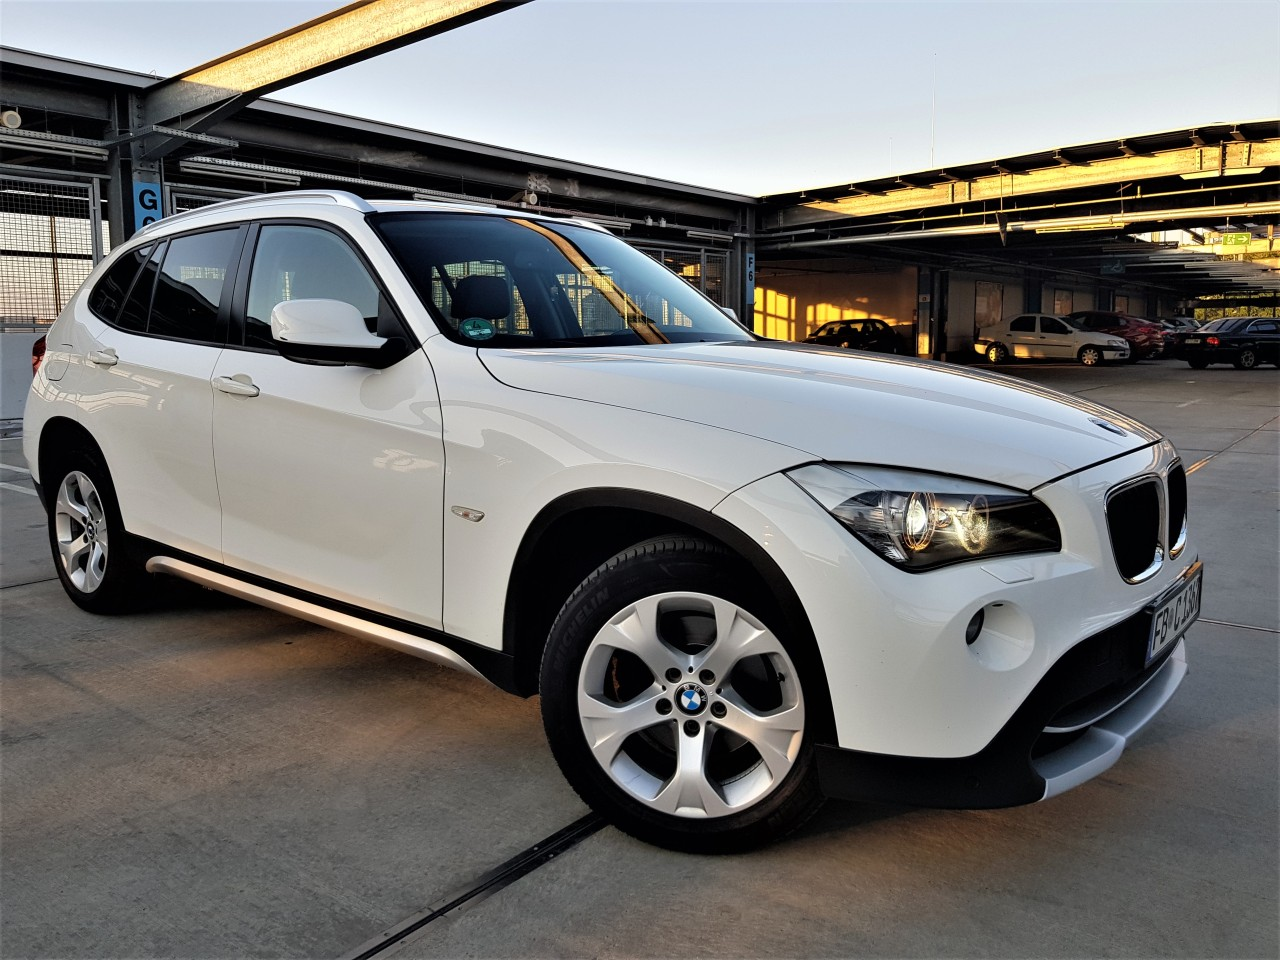 BMW X1 1995 2011